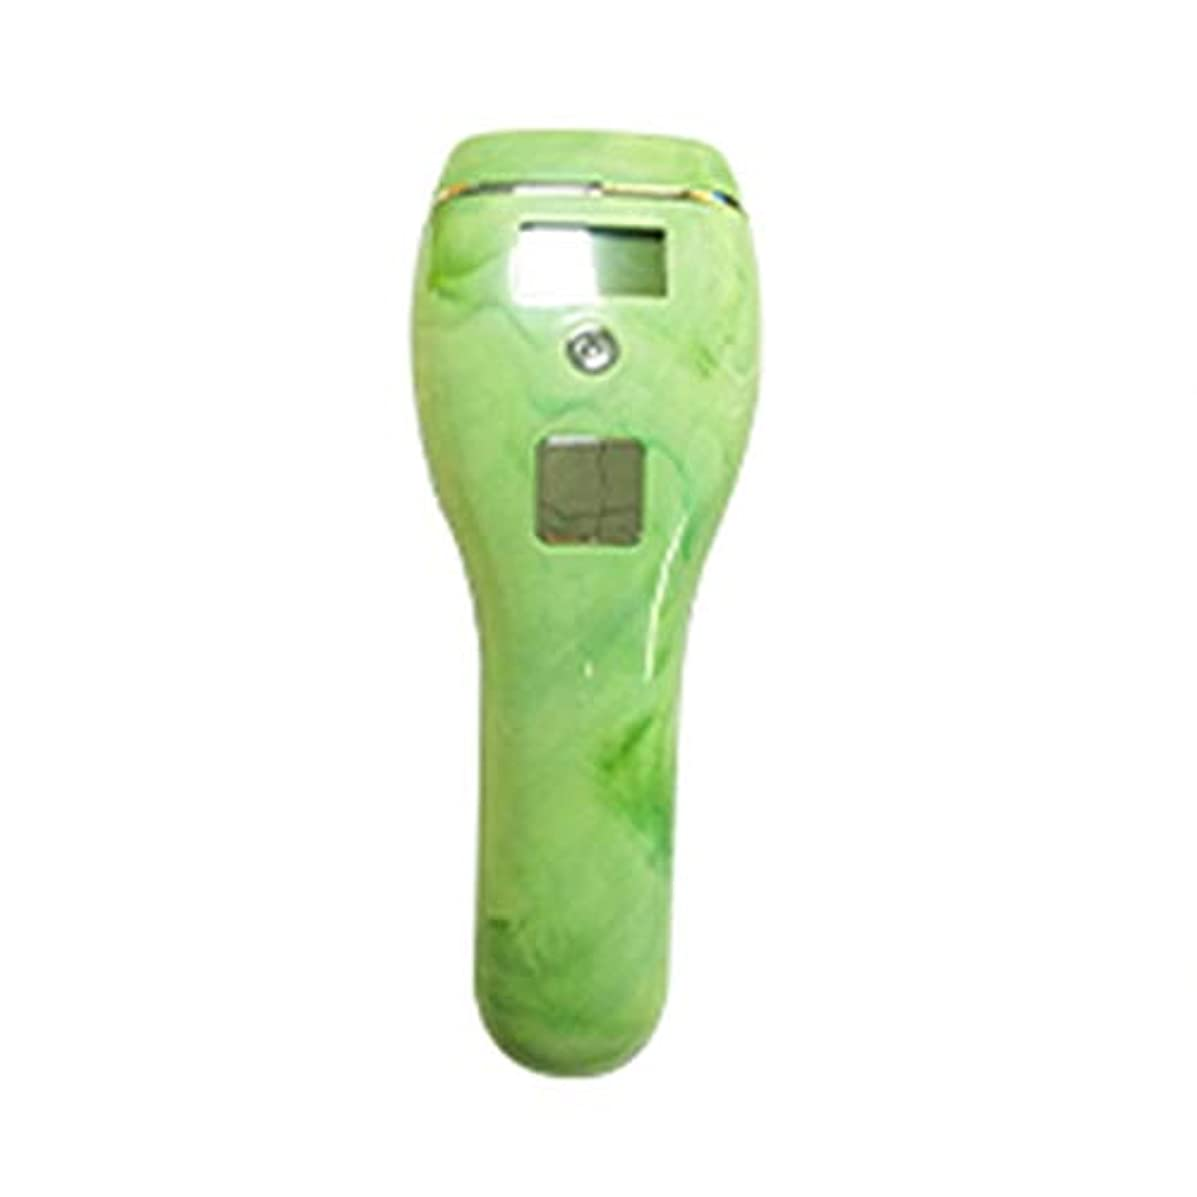 法律により咳配偶者ダパイ 自動肌のカラーセンシング、グリーン、5速調整、クォーツチューブ、携帯用痛みのない全身凍結乾燥用除湿器、サイズ19x7x5cm U546 (Color : Green)